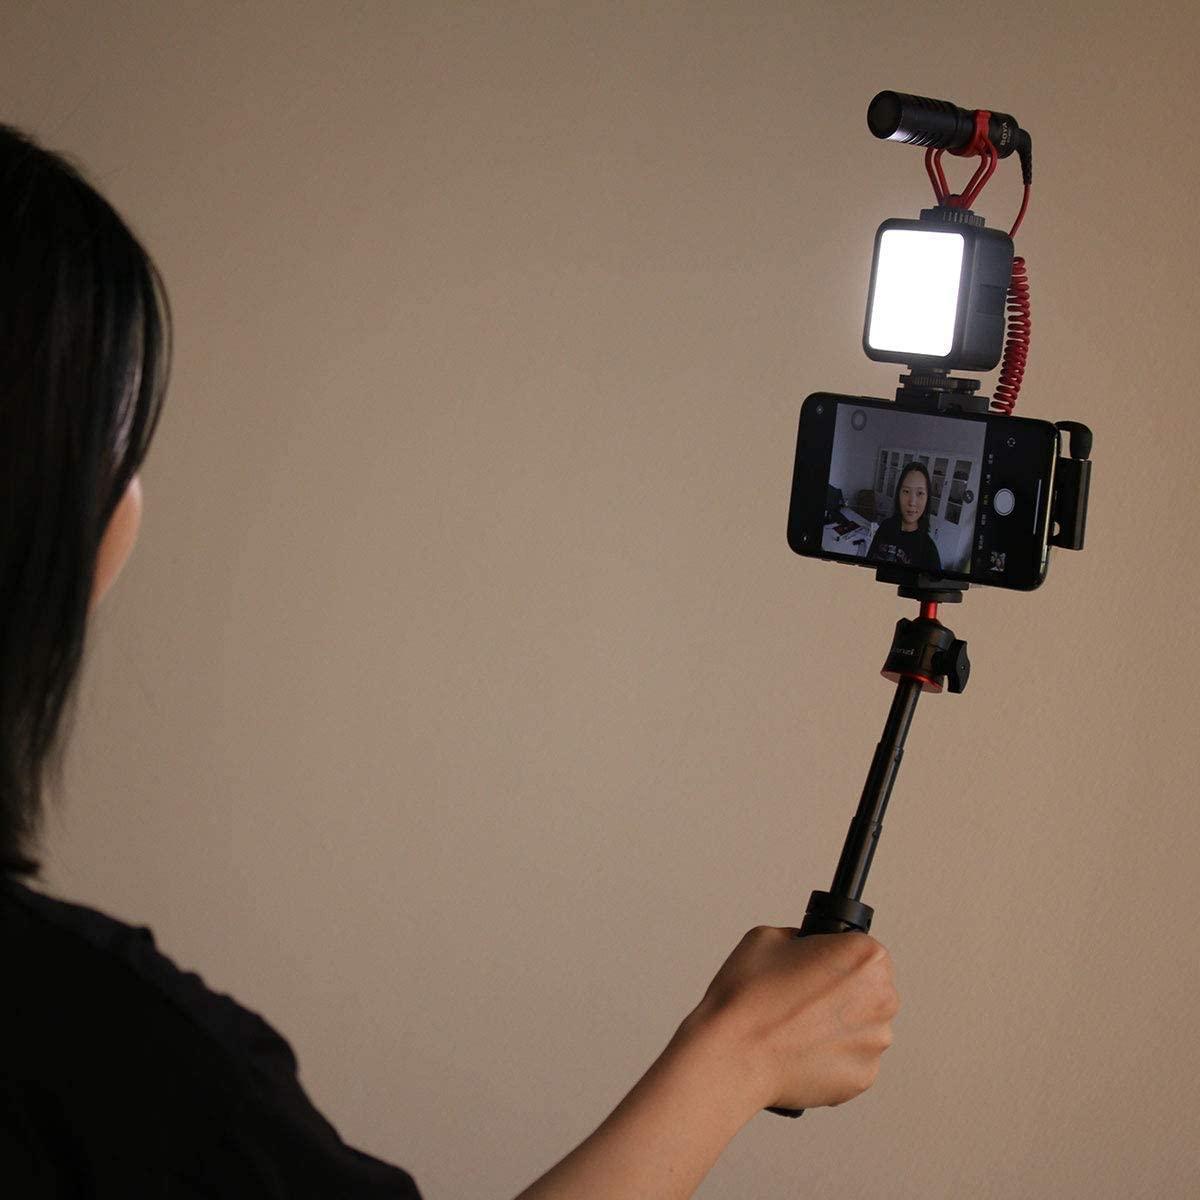 Zhiyou Tr/épied T/élescopique MT-08 avec Rotule pour Smartphones Cam/éras Vlogging